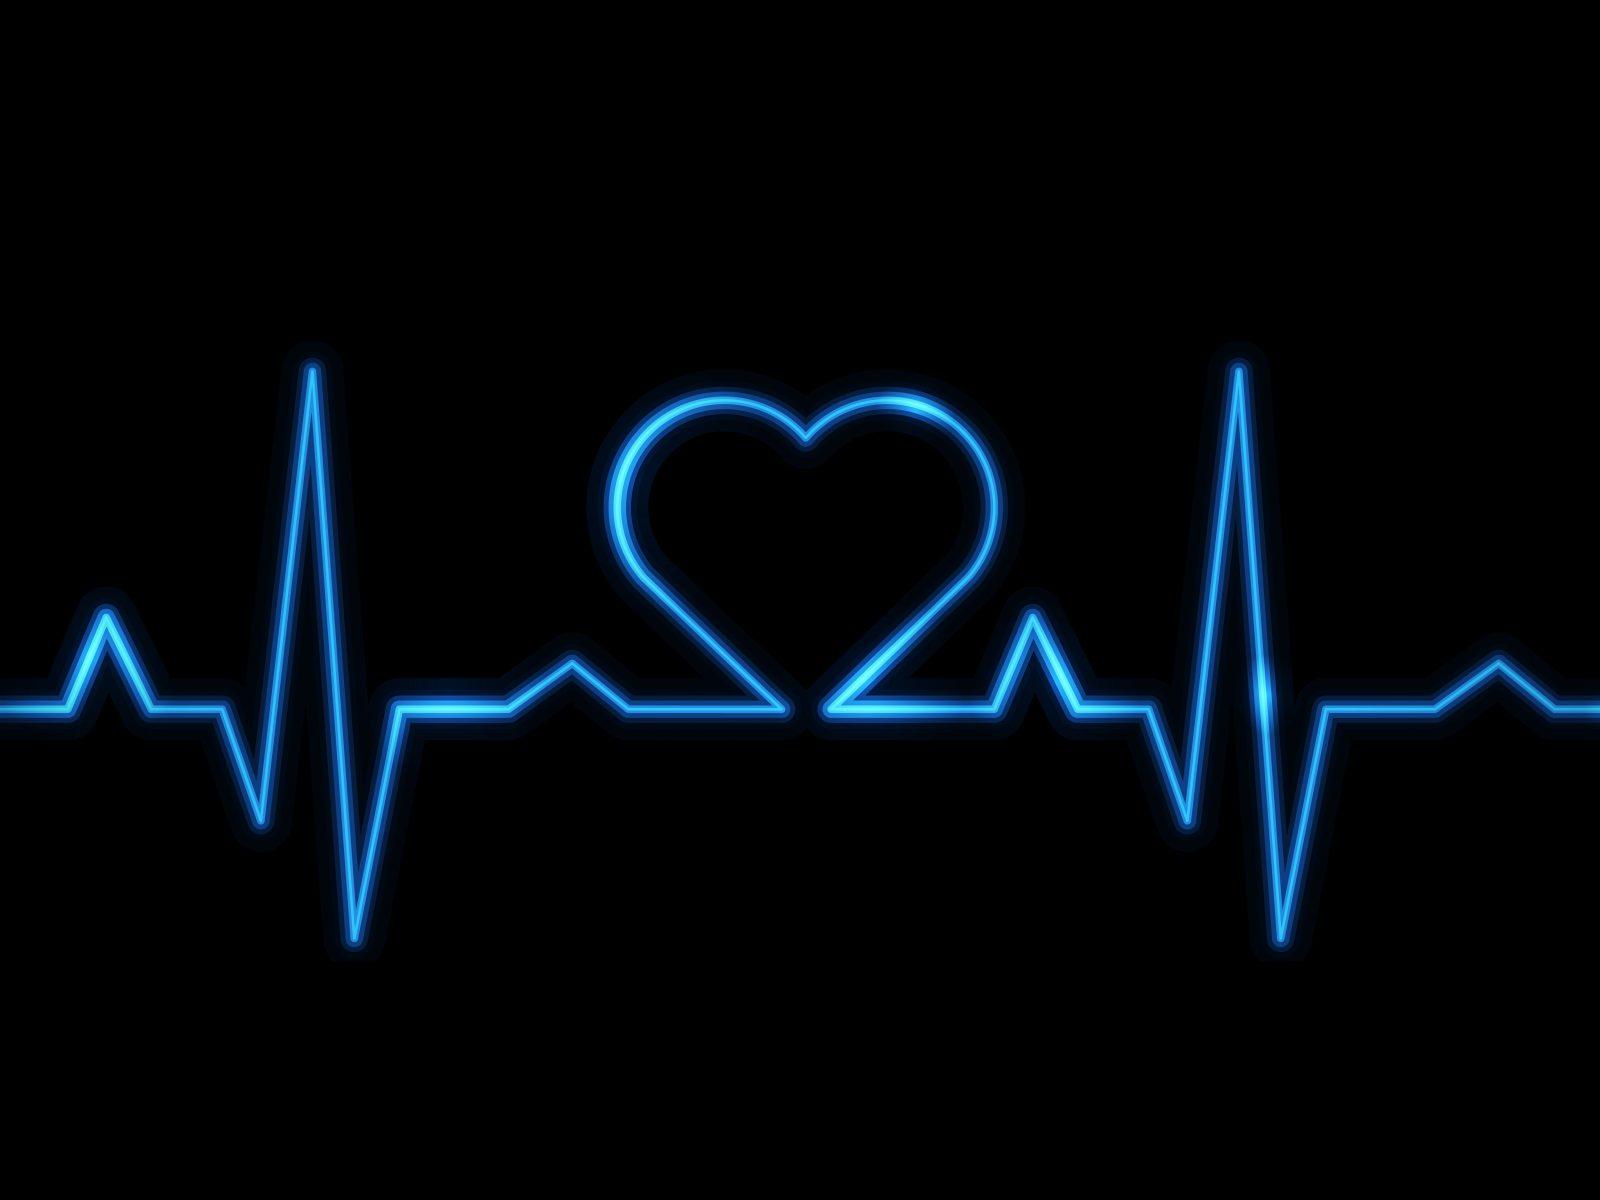 Heartbeat Heart Black Blue 8k Wallpaper Best Wallpapers